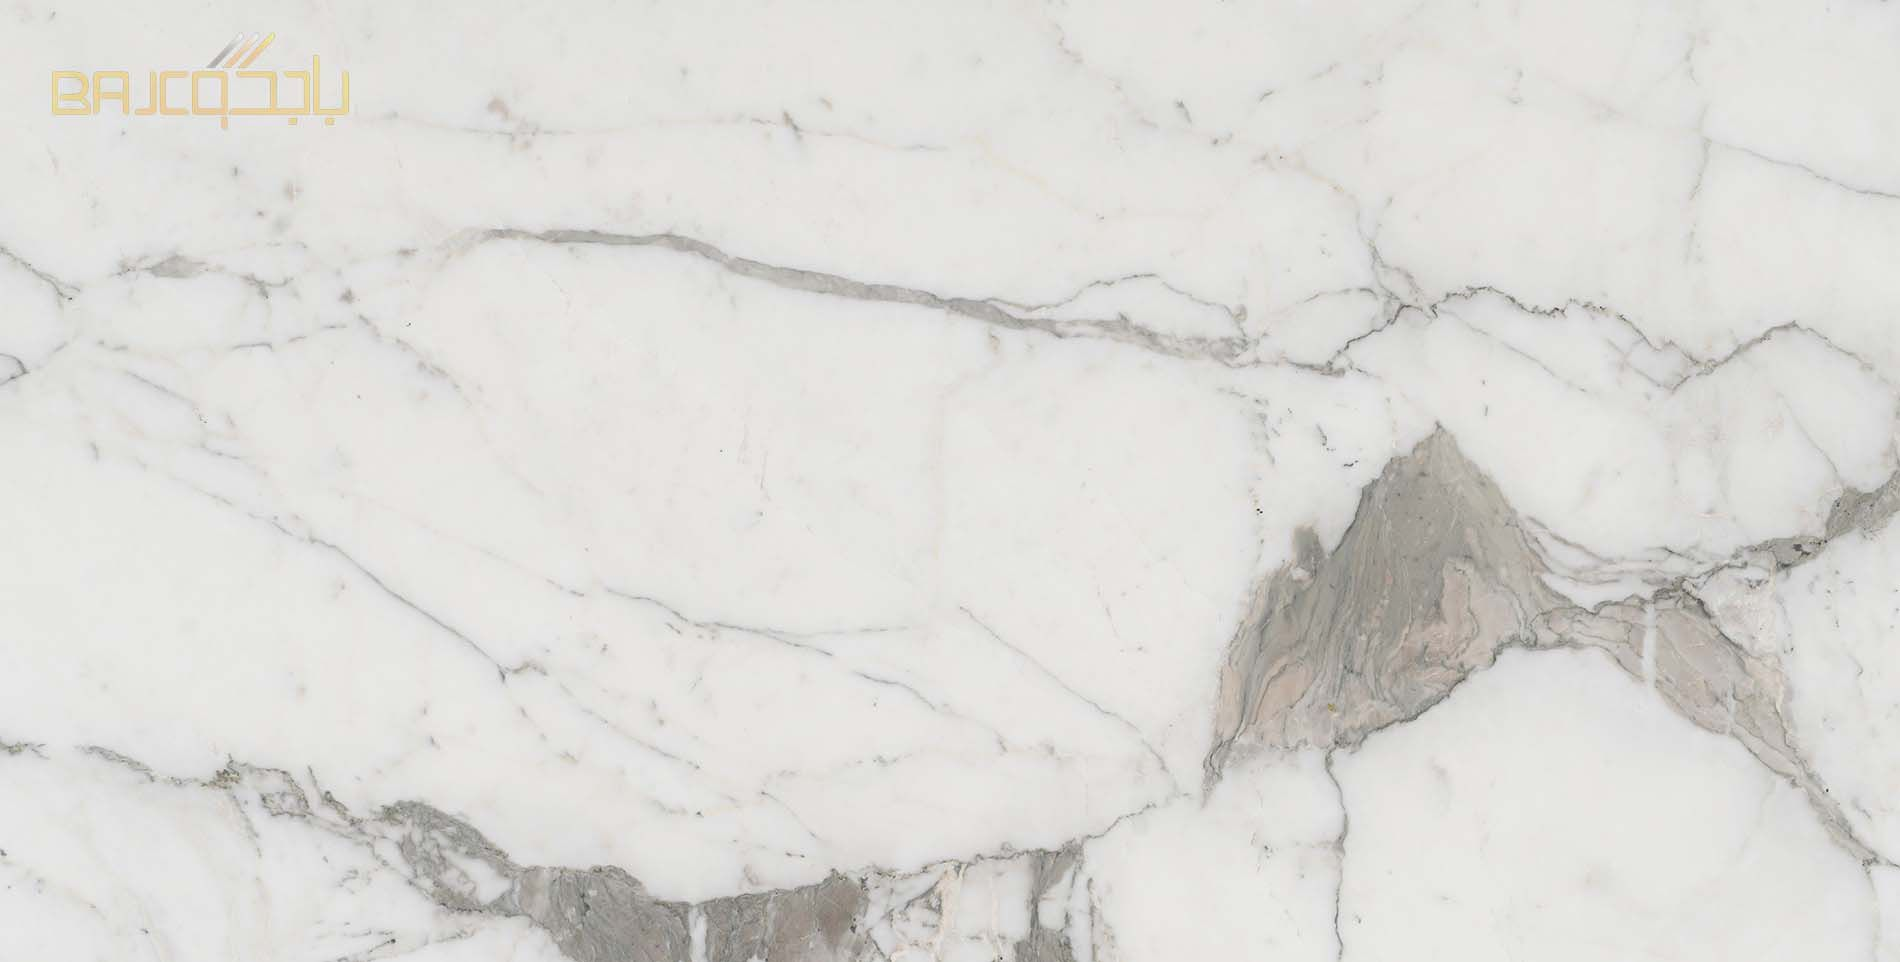 ملك الرخام رخام الستتواريو الابيض الايطالي Marble Price Dark Emperador Persian Blue